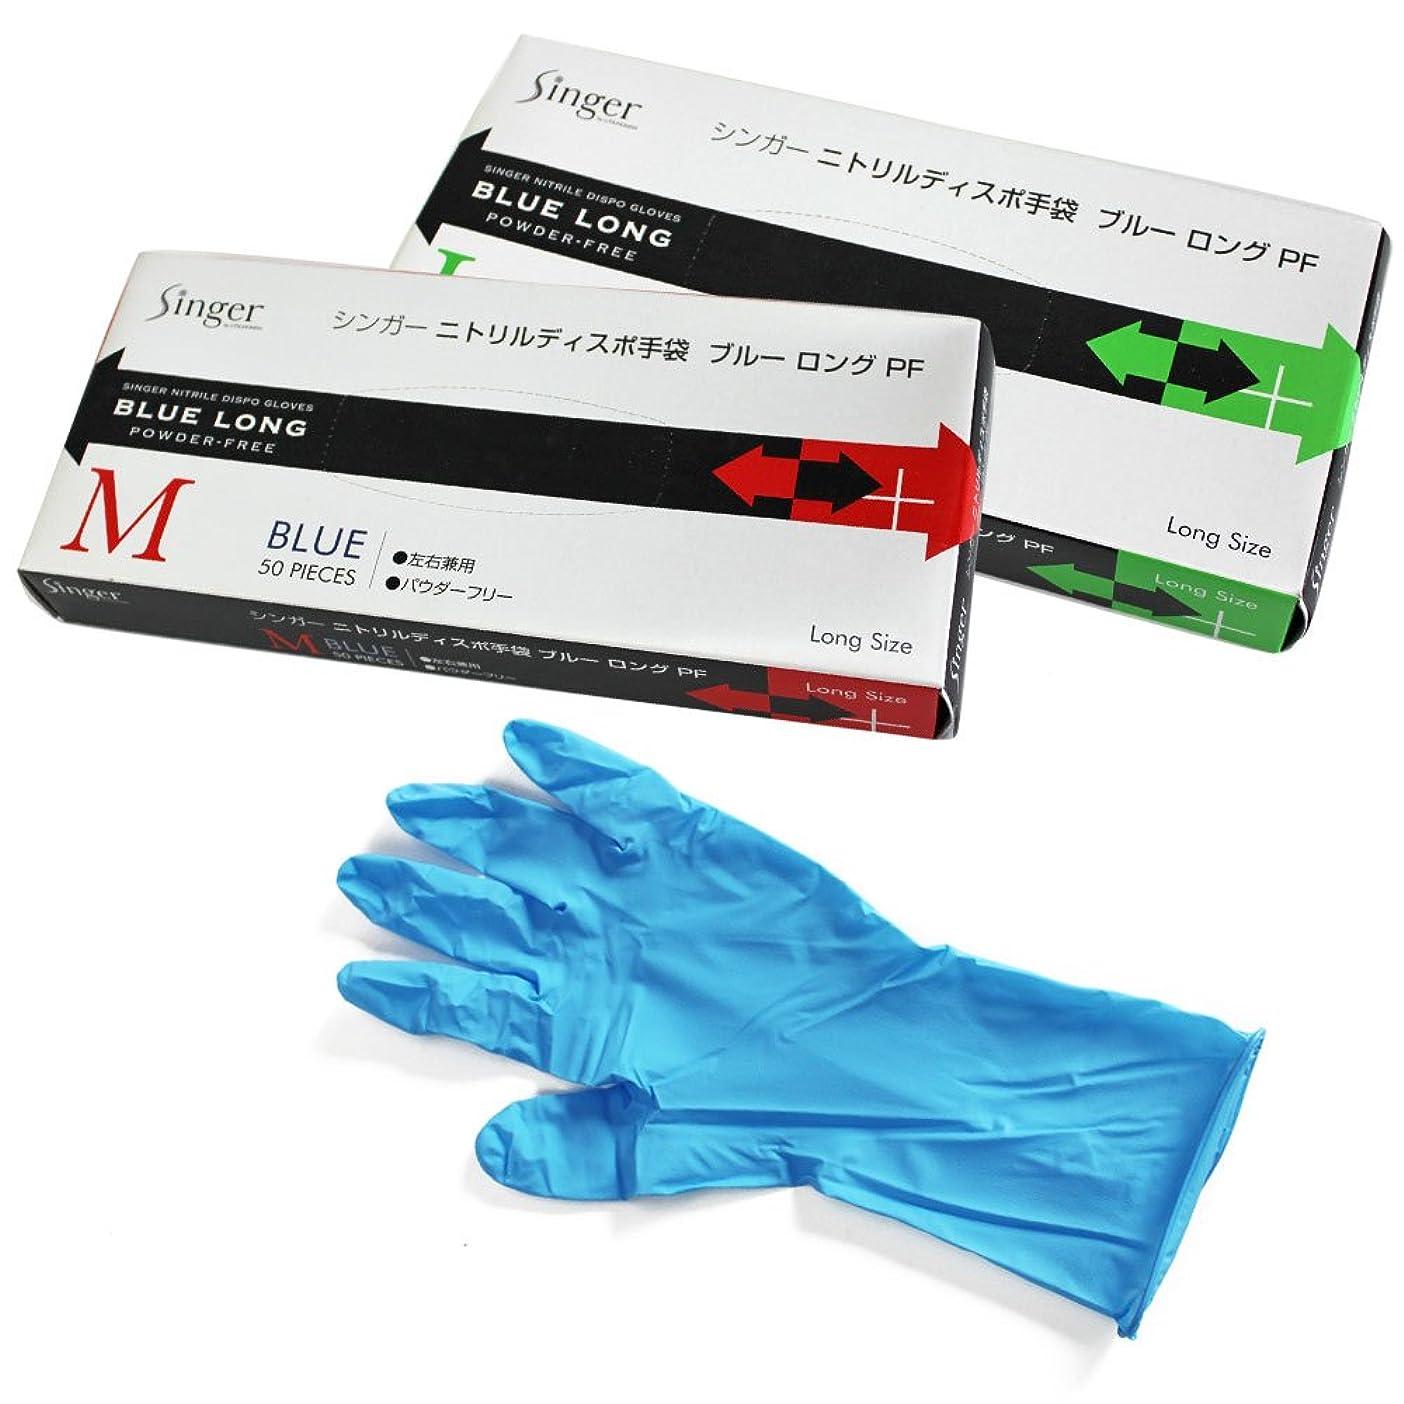 取得するジャンクソートシンガーニトリルディスポ手袋ブルーロングパウダーフリー250枚(50枚入り×5箱) (M)